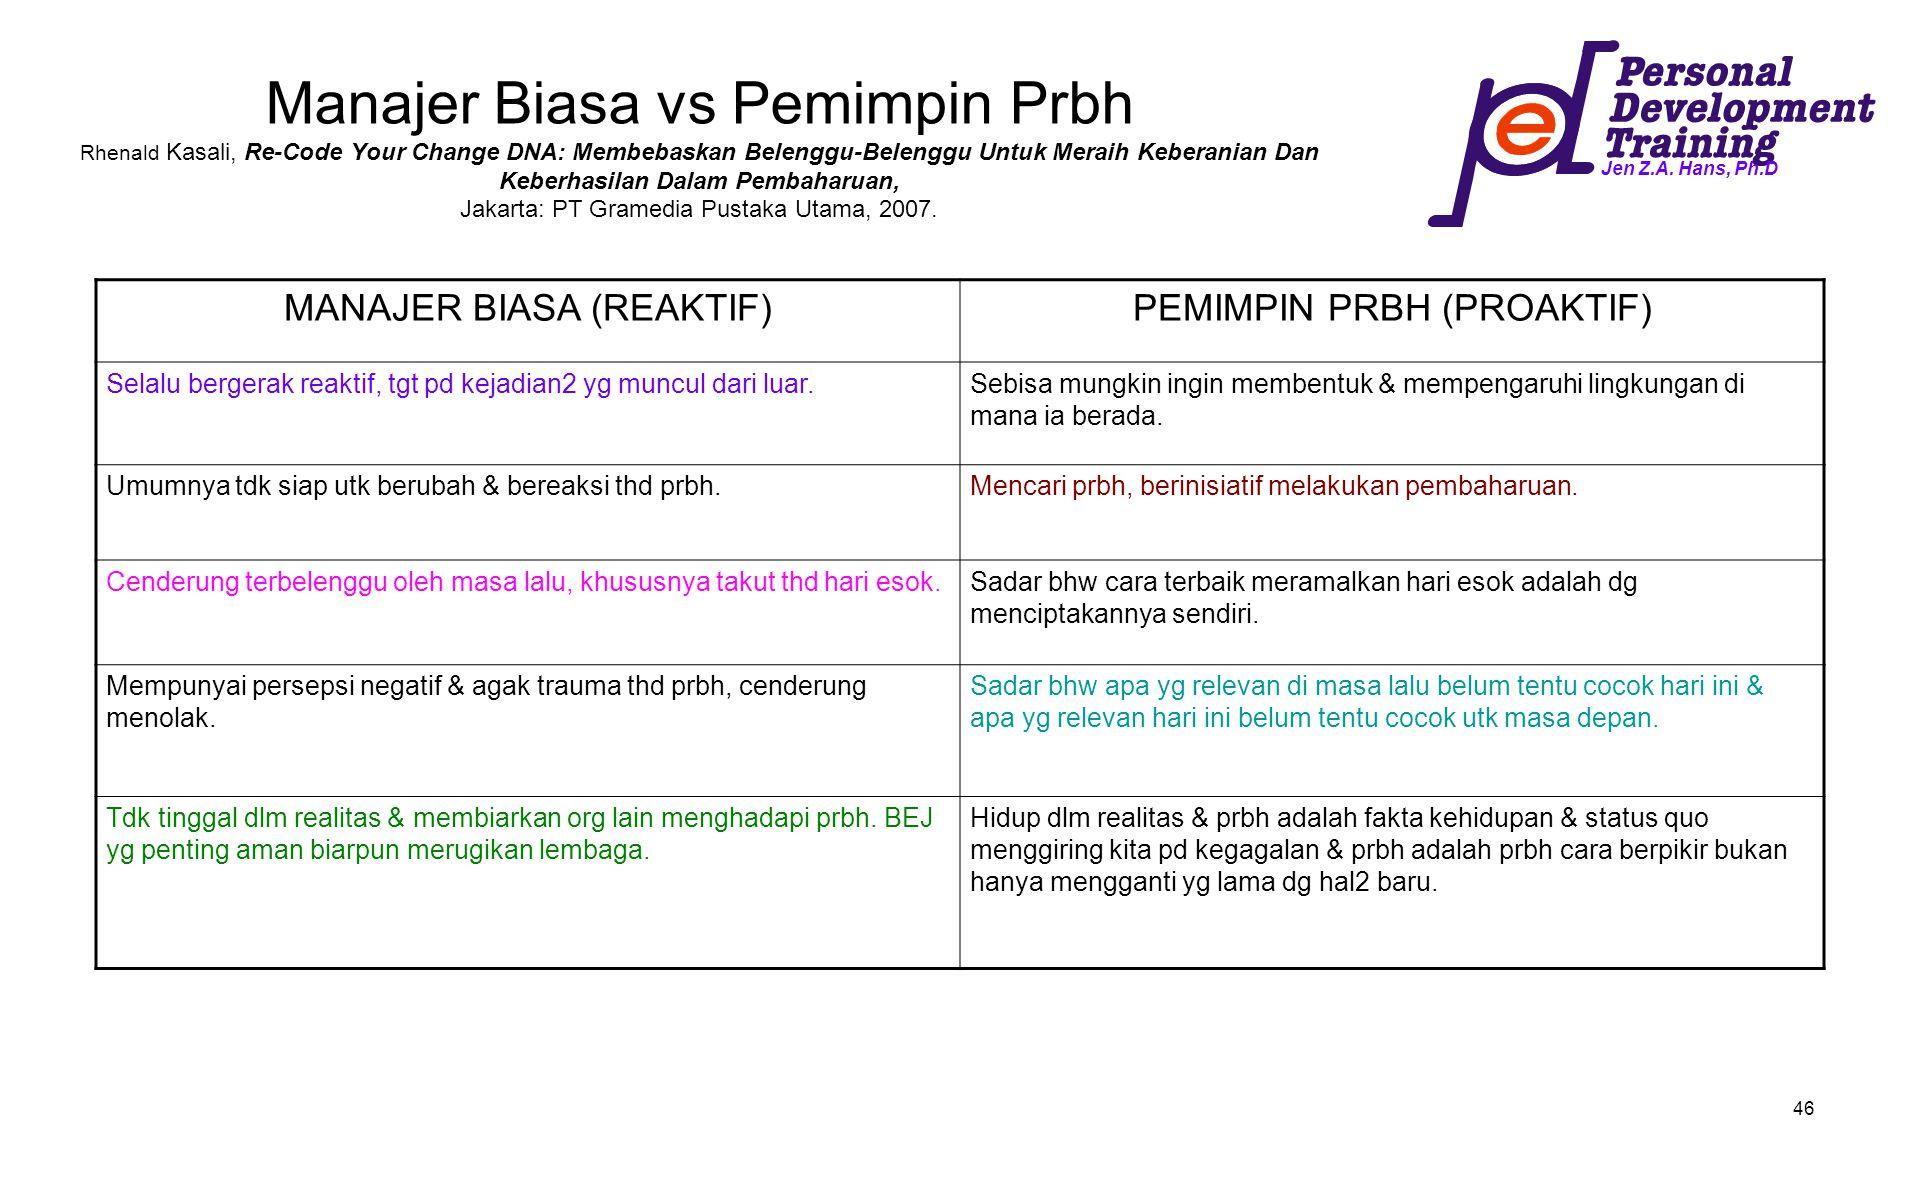 Jen Z.A. Hans, Ph.D 46 Manajer Biasa vs Pemimpin Prbh Rhenald Kasali, Re-Code Your Change DNA: Membebaskan Belenggu-Belenggu Untuk Meraih Keberanian D